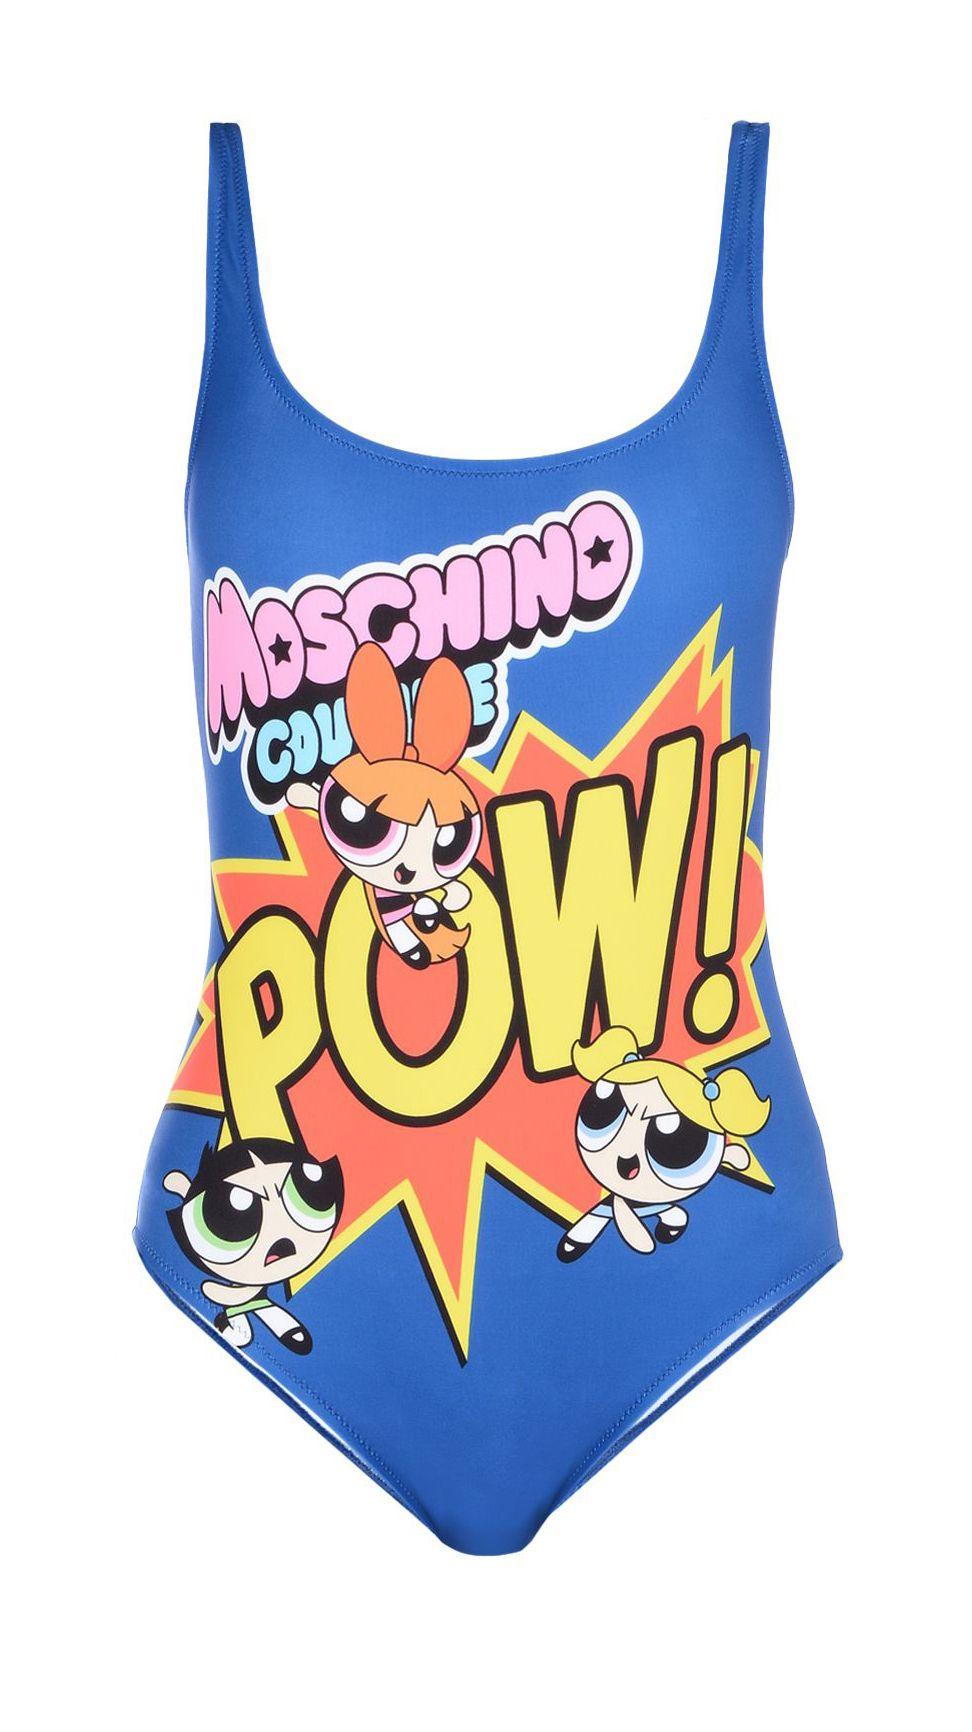 2b1022126b Powerpuff Girls x Moschino one piece swimsuit